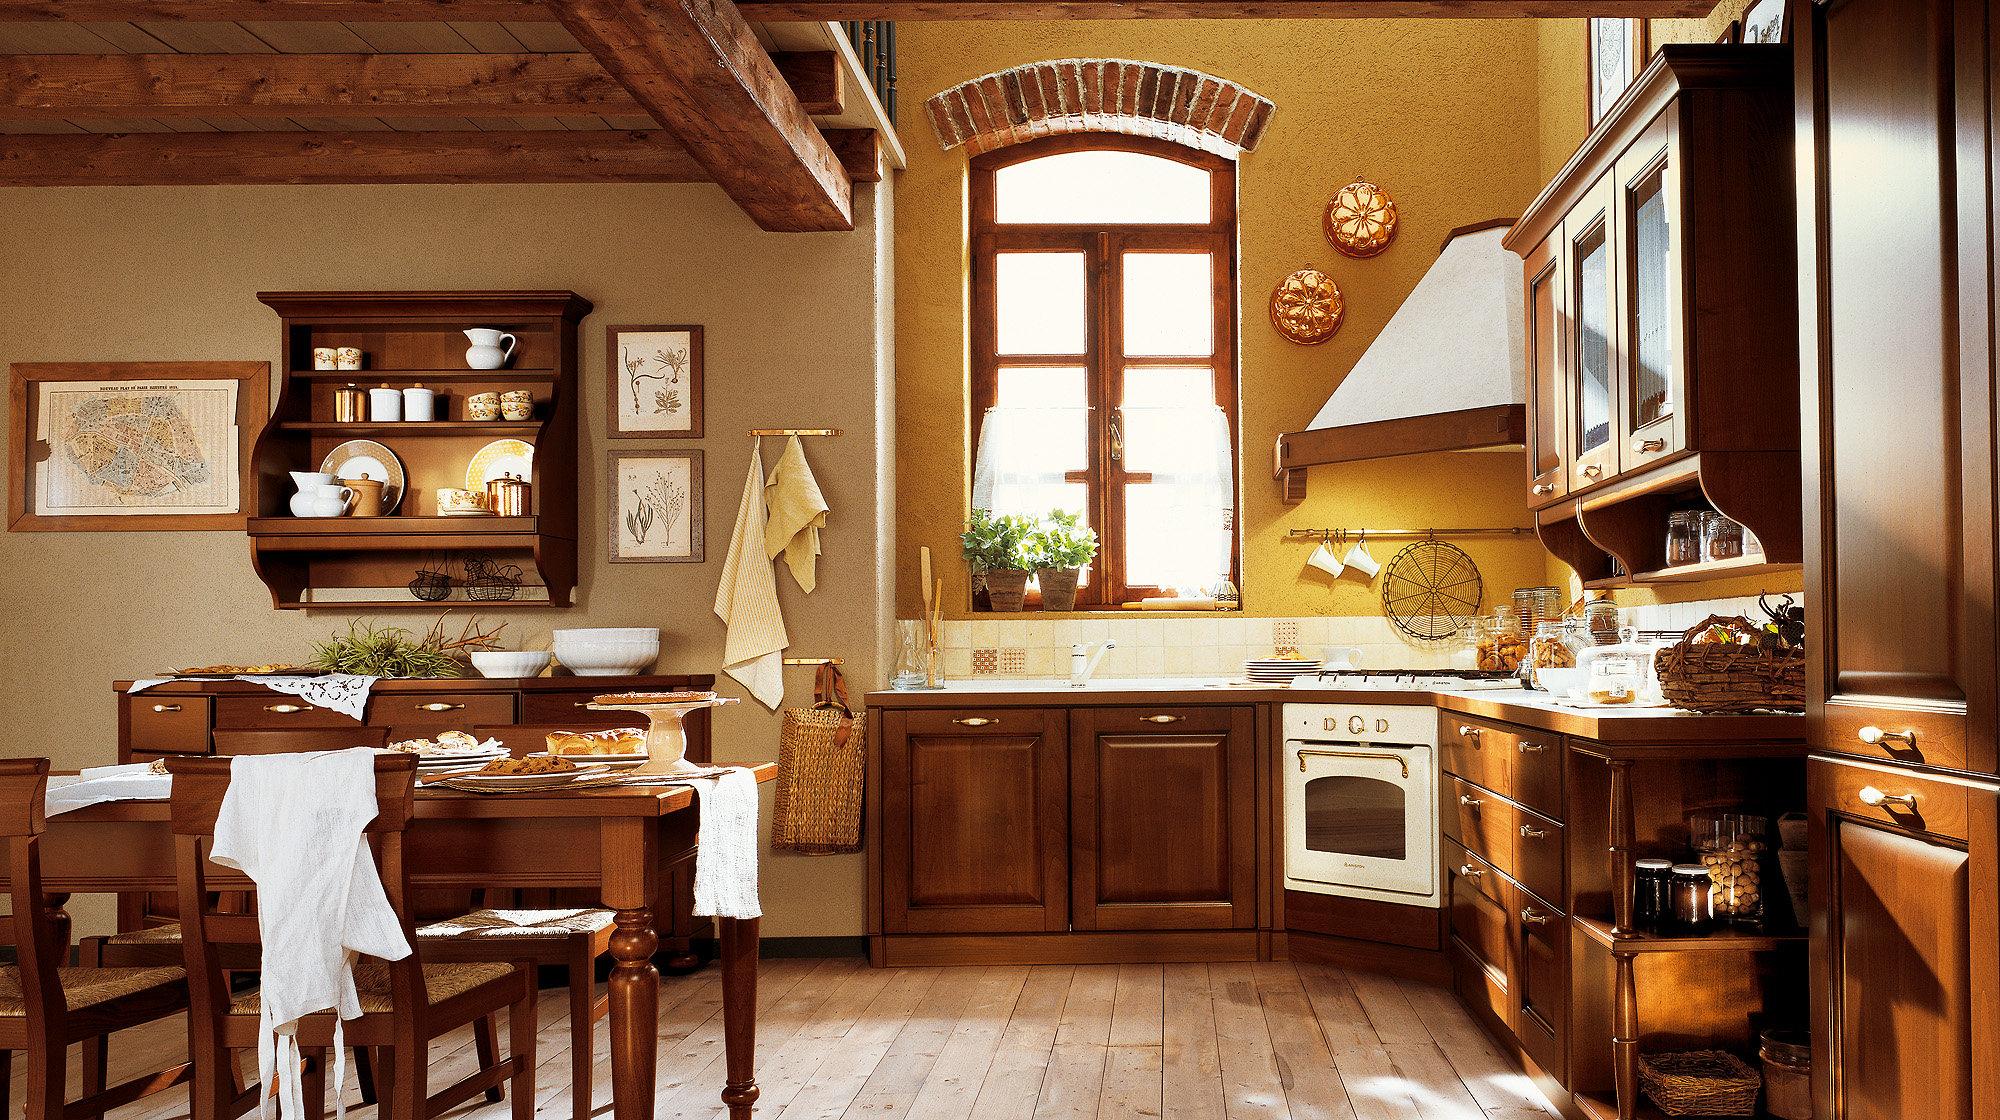 Угловая вытяжка на кухне загородного дома